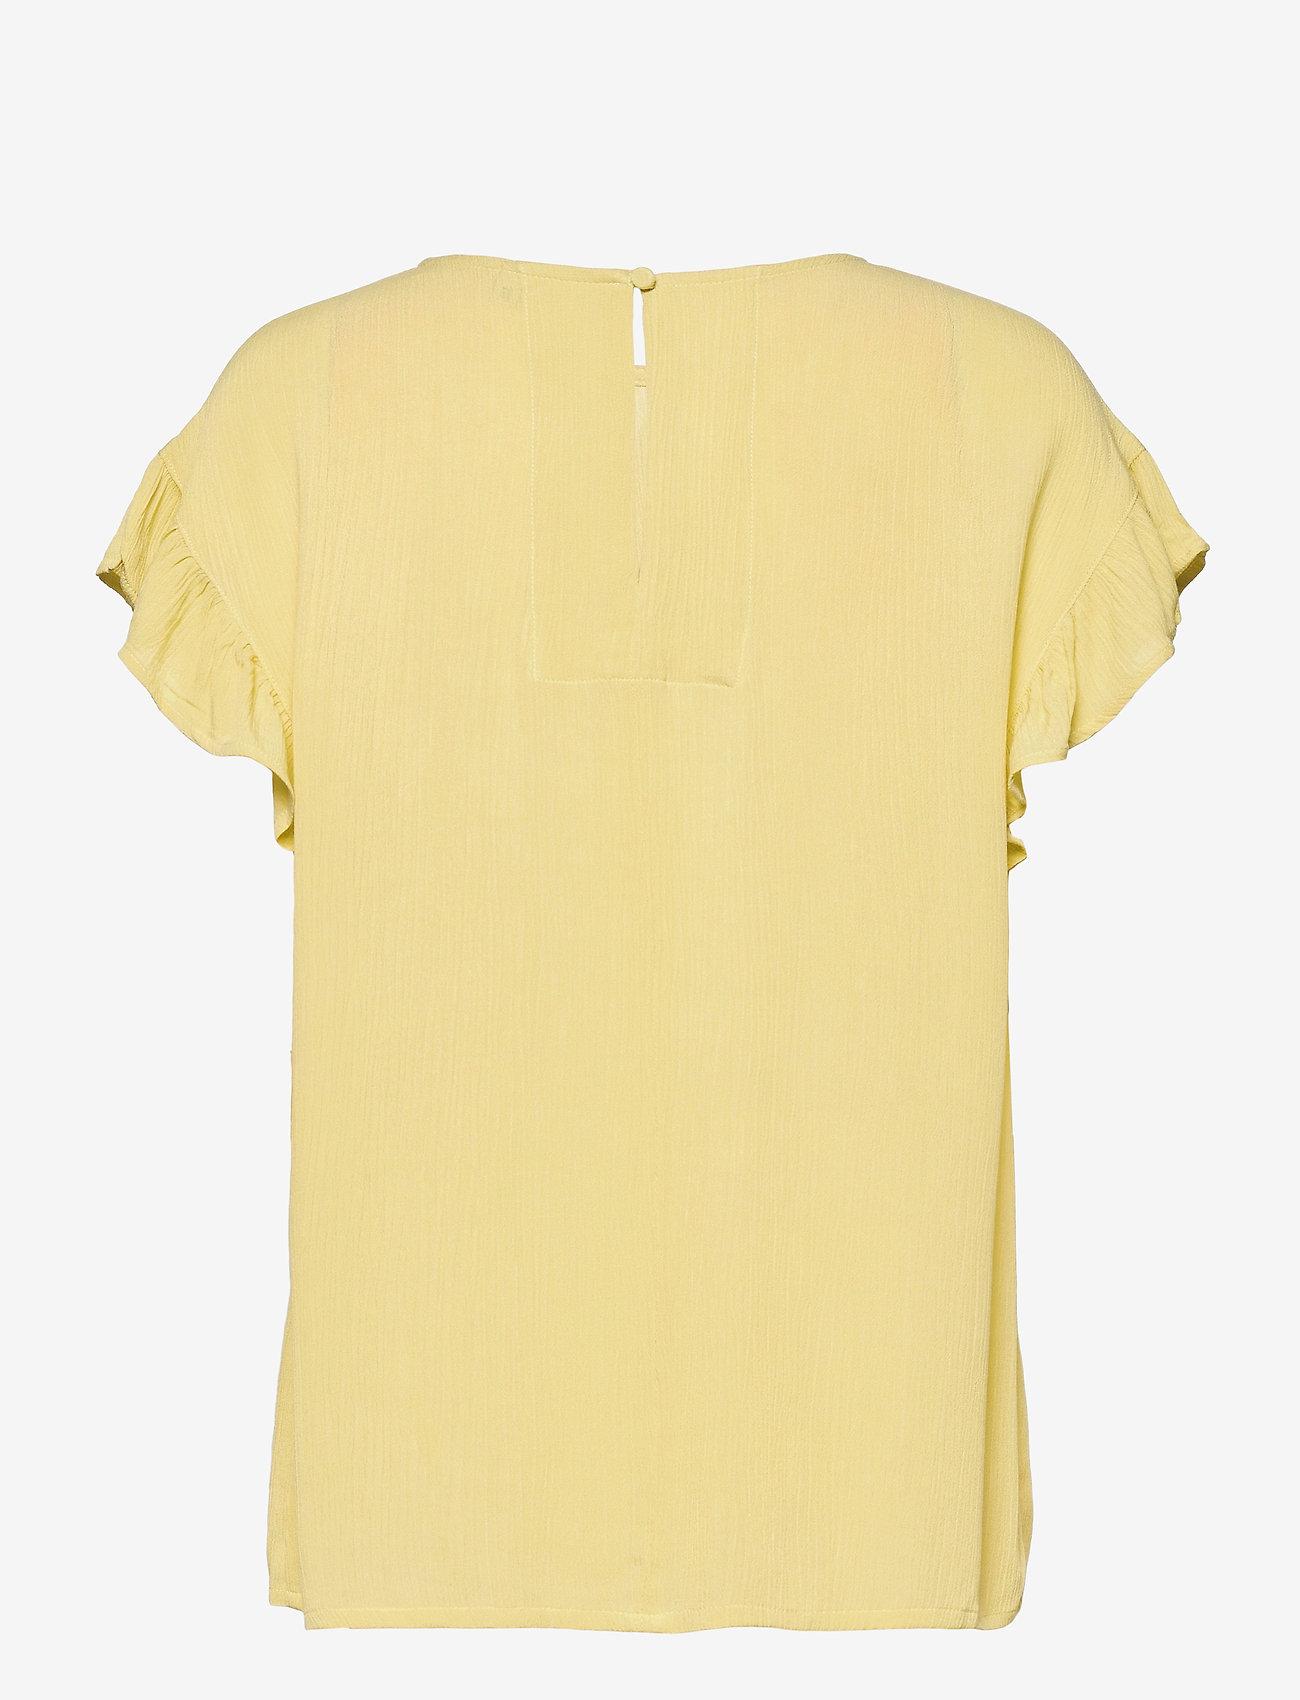 ICHI - IHMARRAKECH SO SS4 - short-sleeved blouses - golden mist - 1